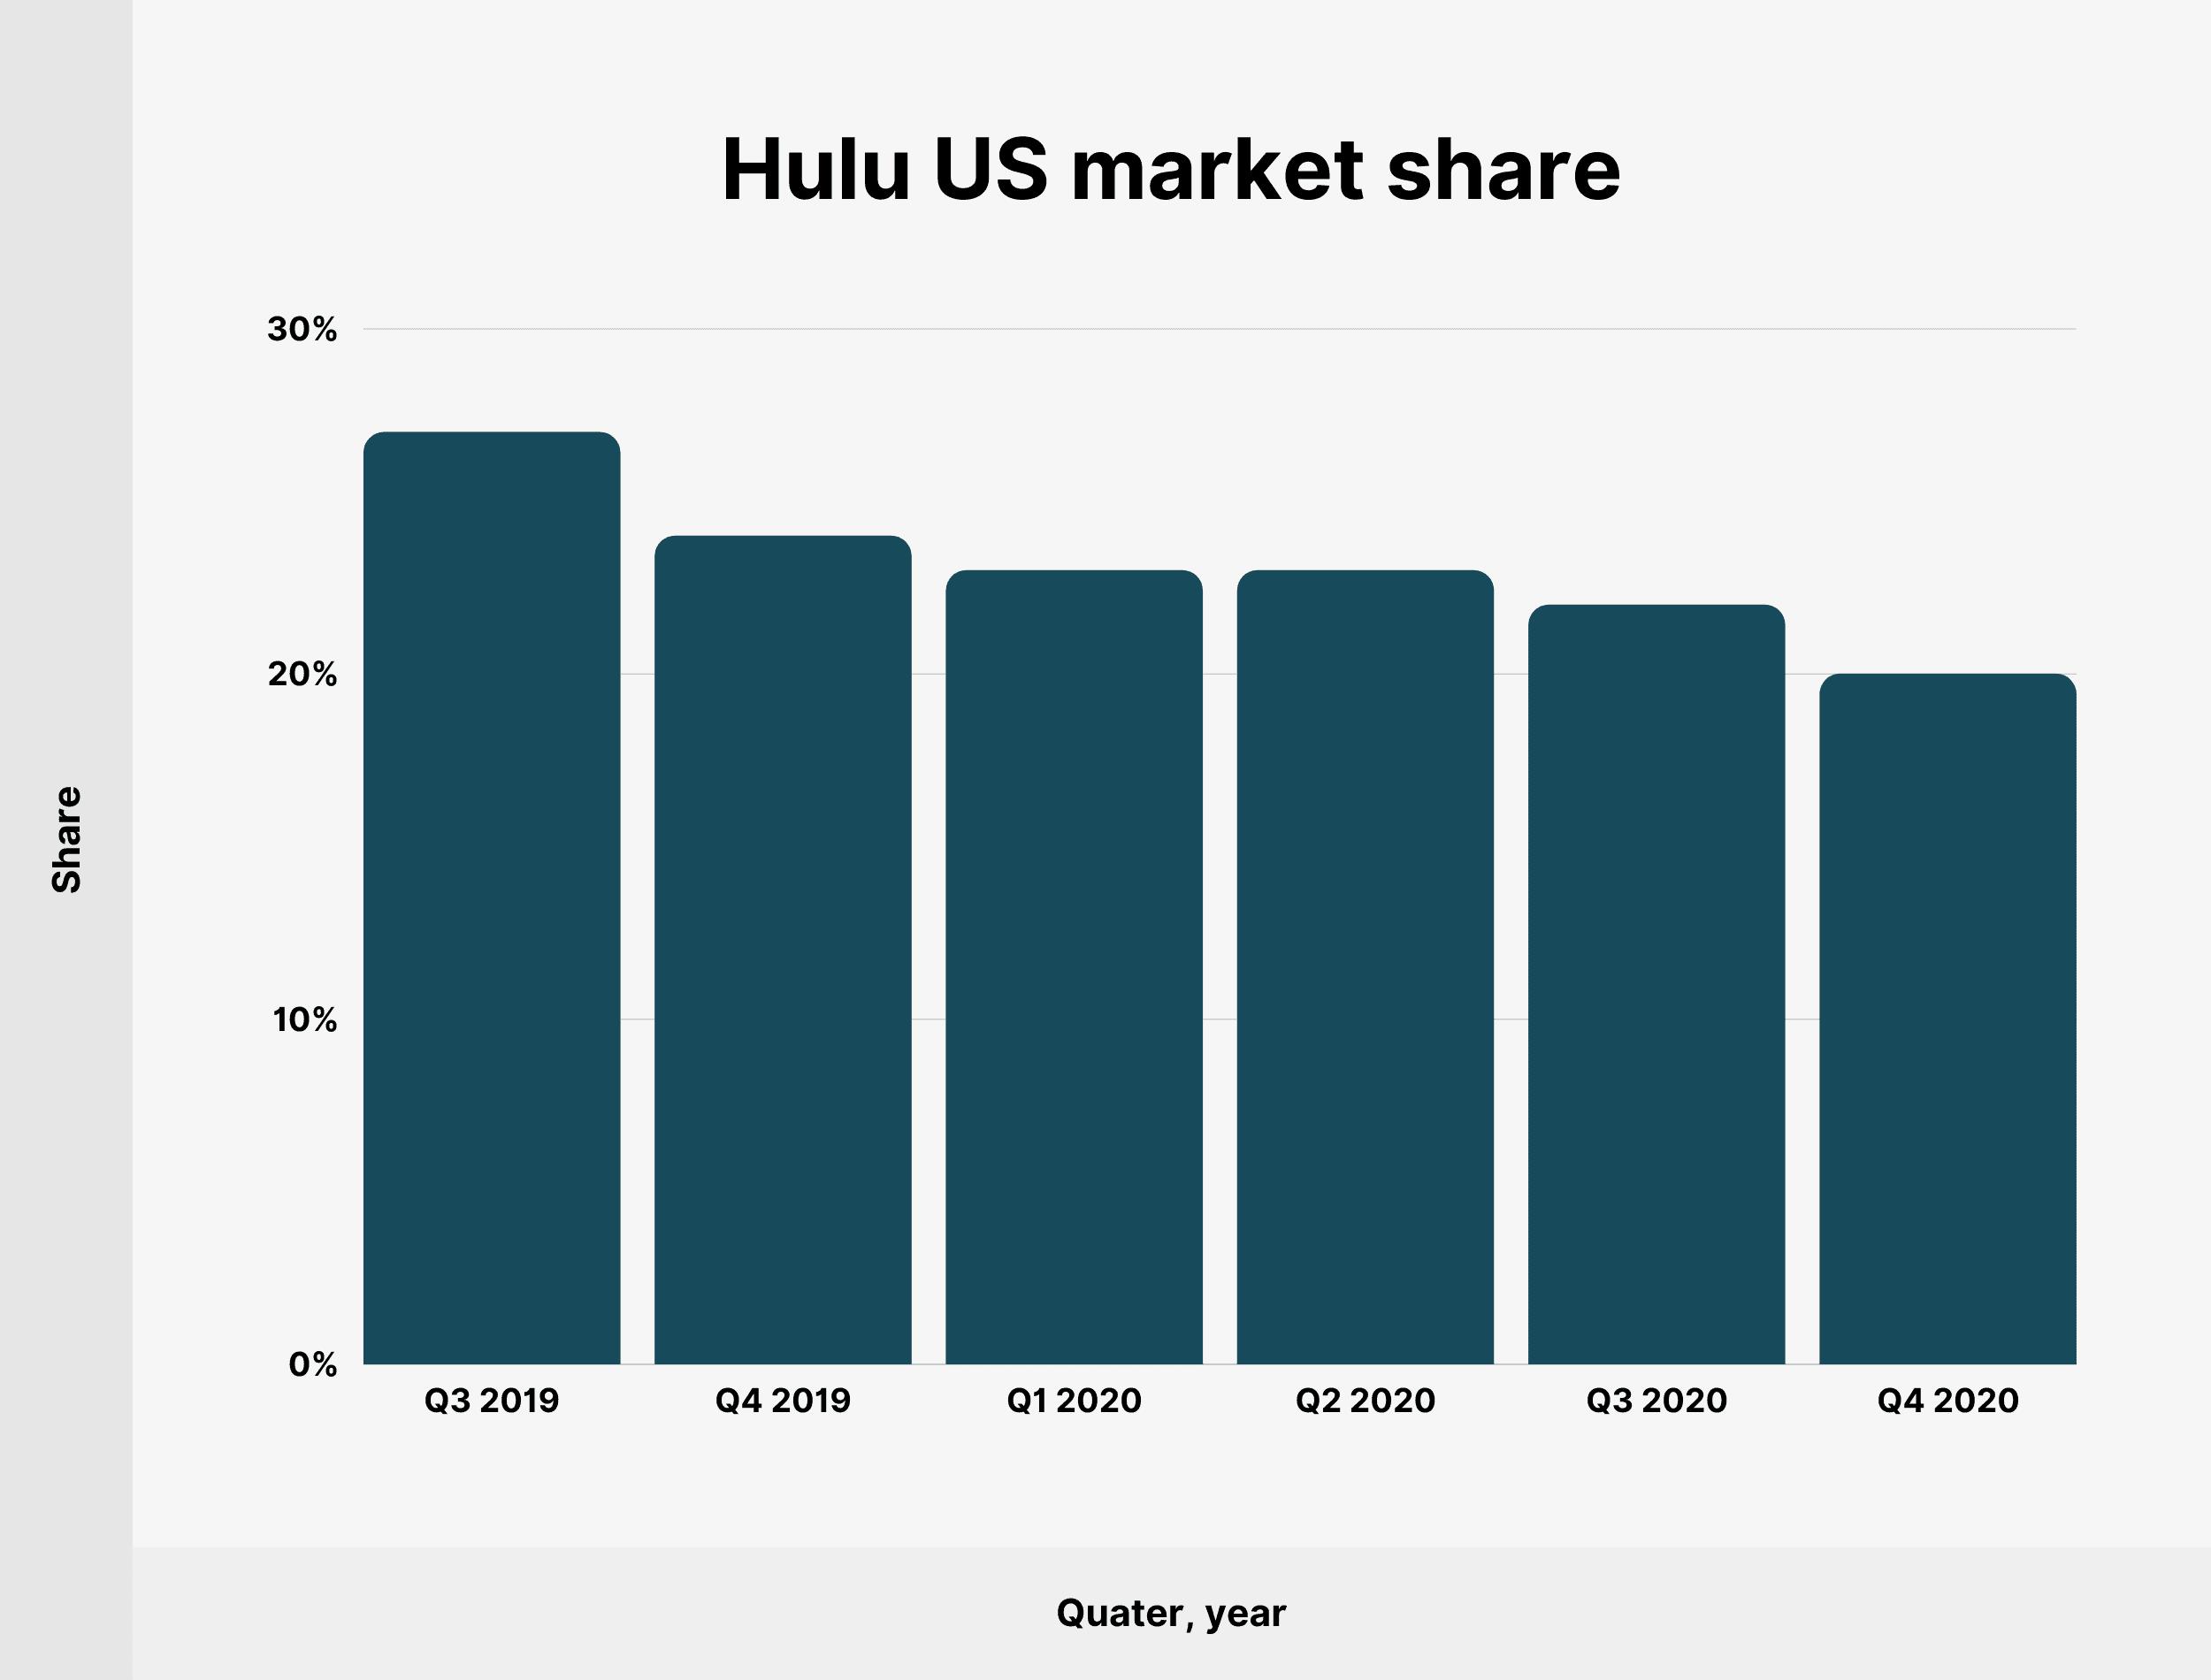 Hulu US market share